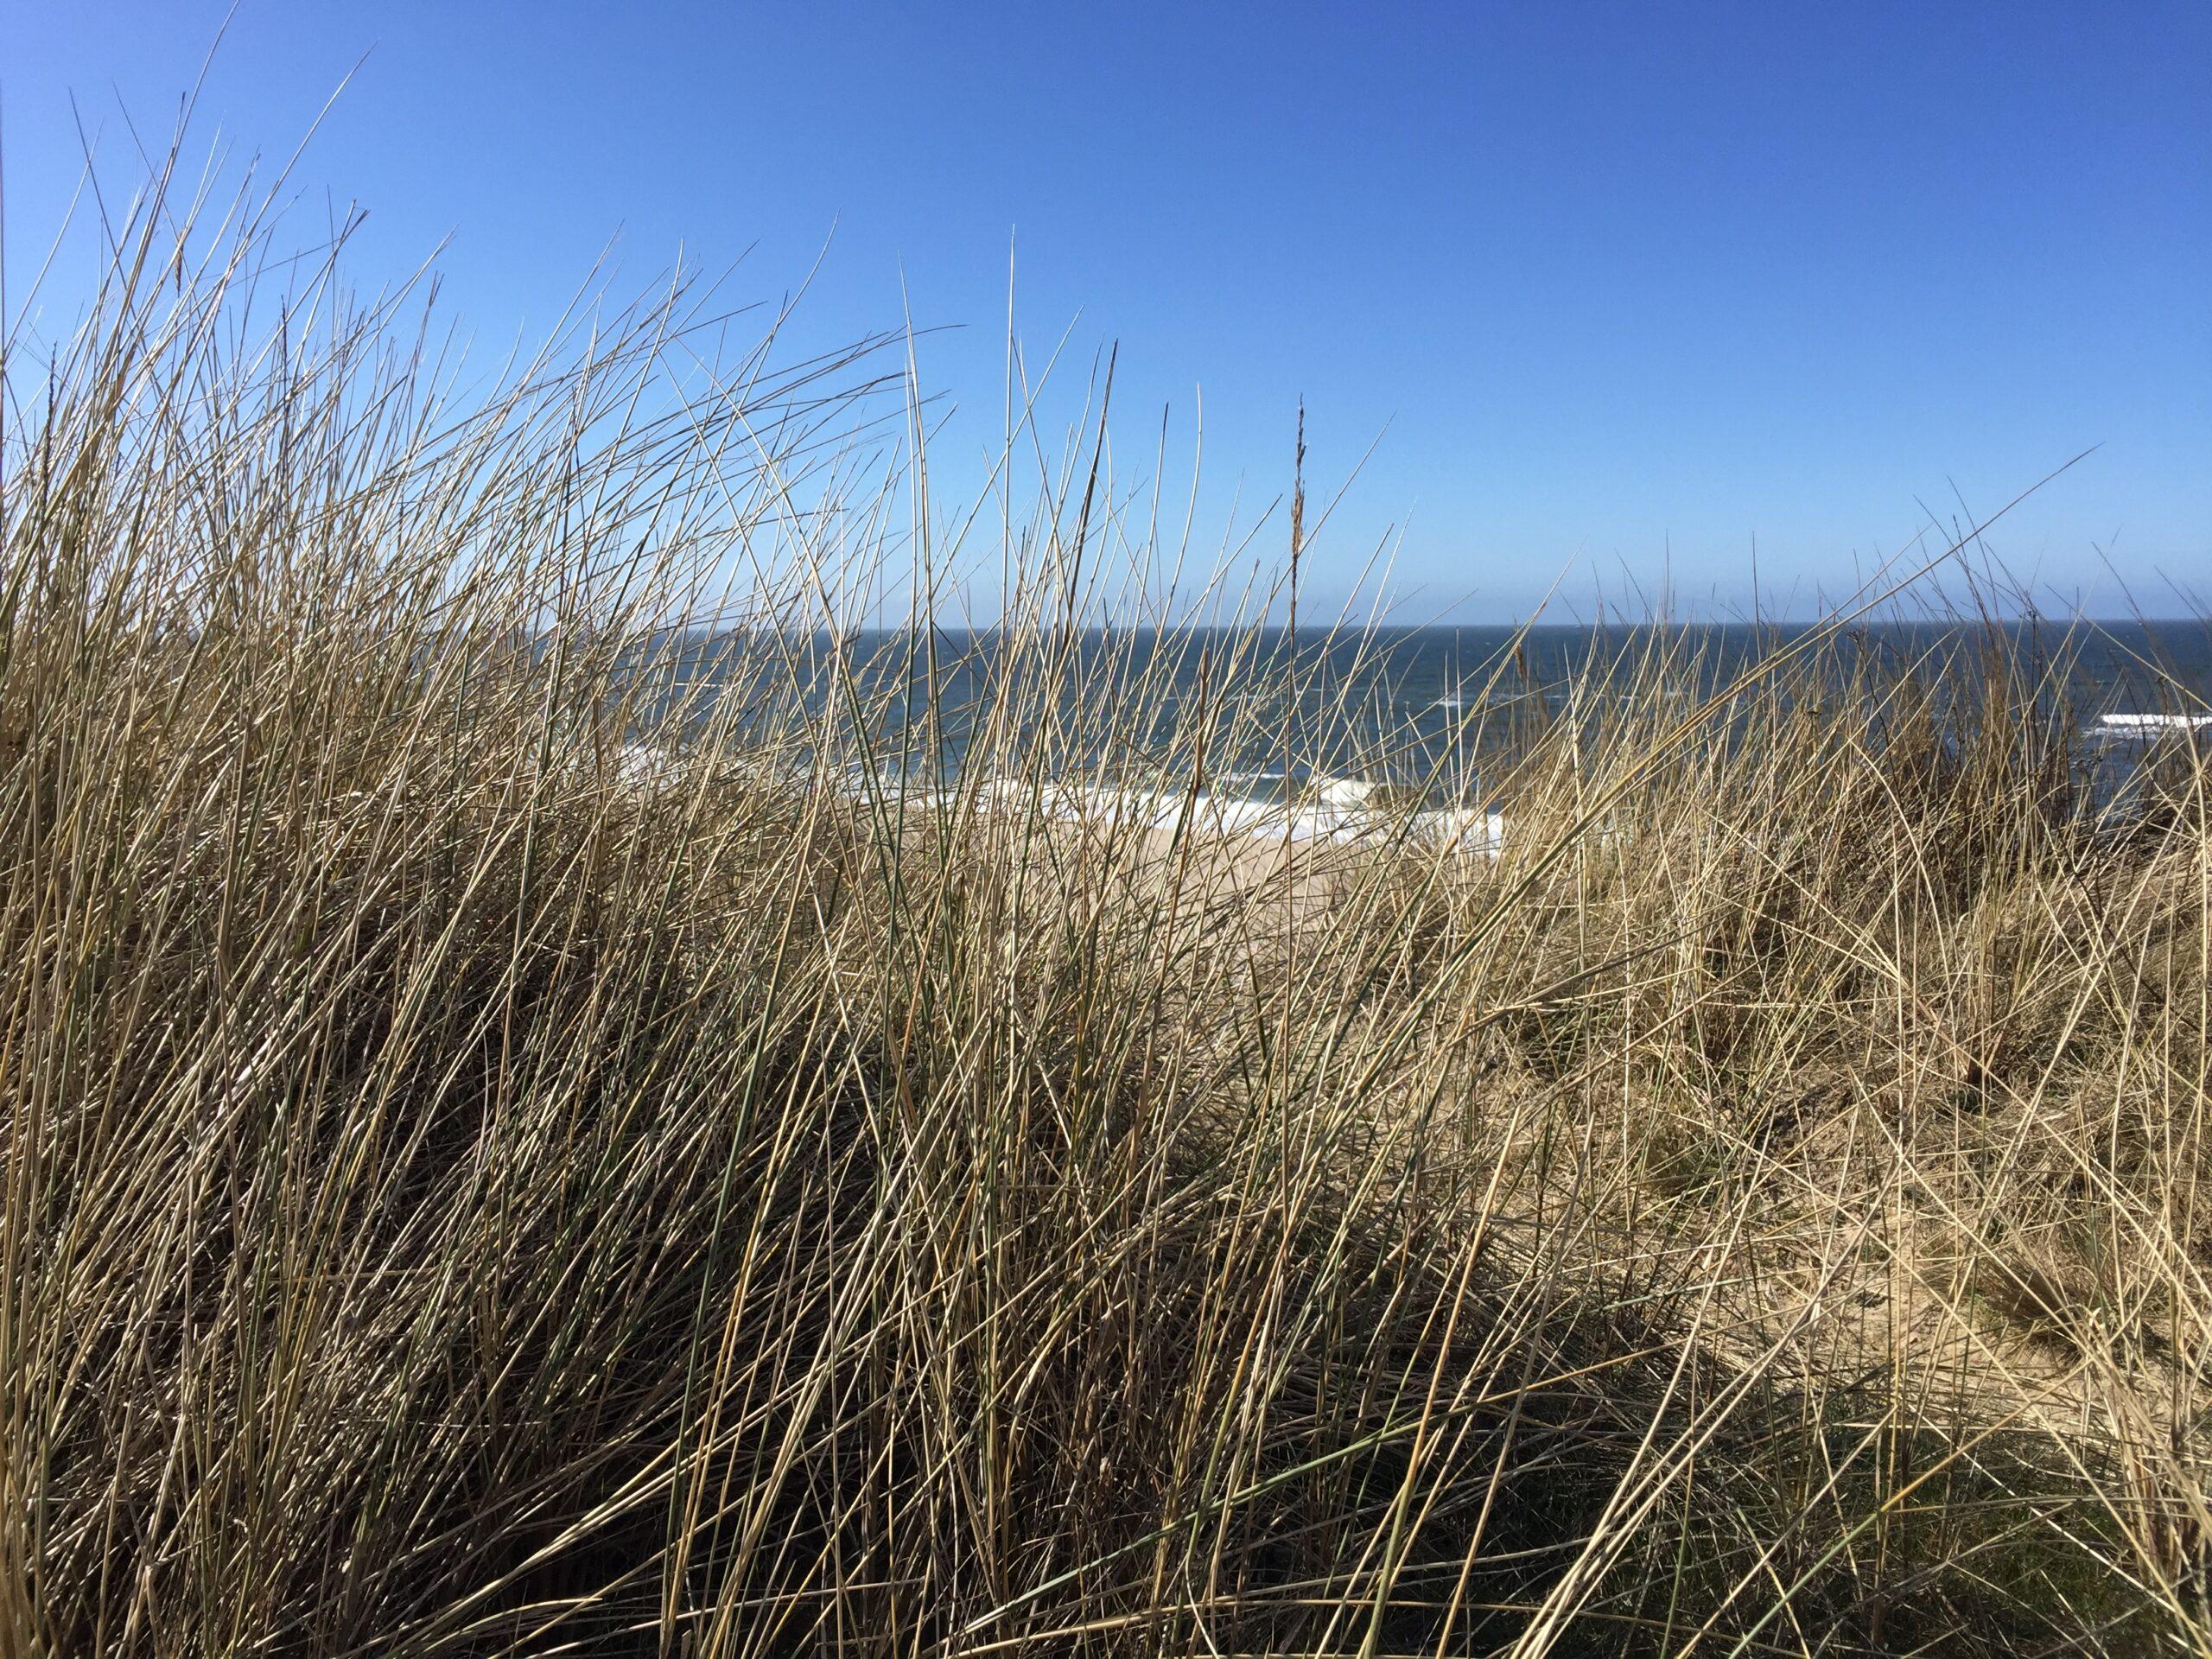 Zurück zu meiner inneren Mitte — Onlinetraining zur Stressbewältigung